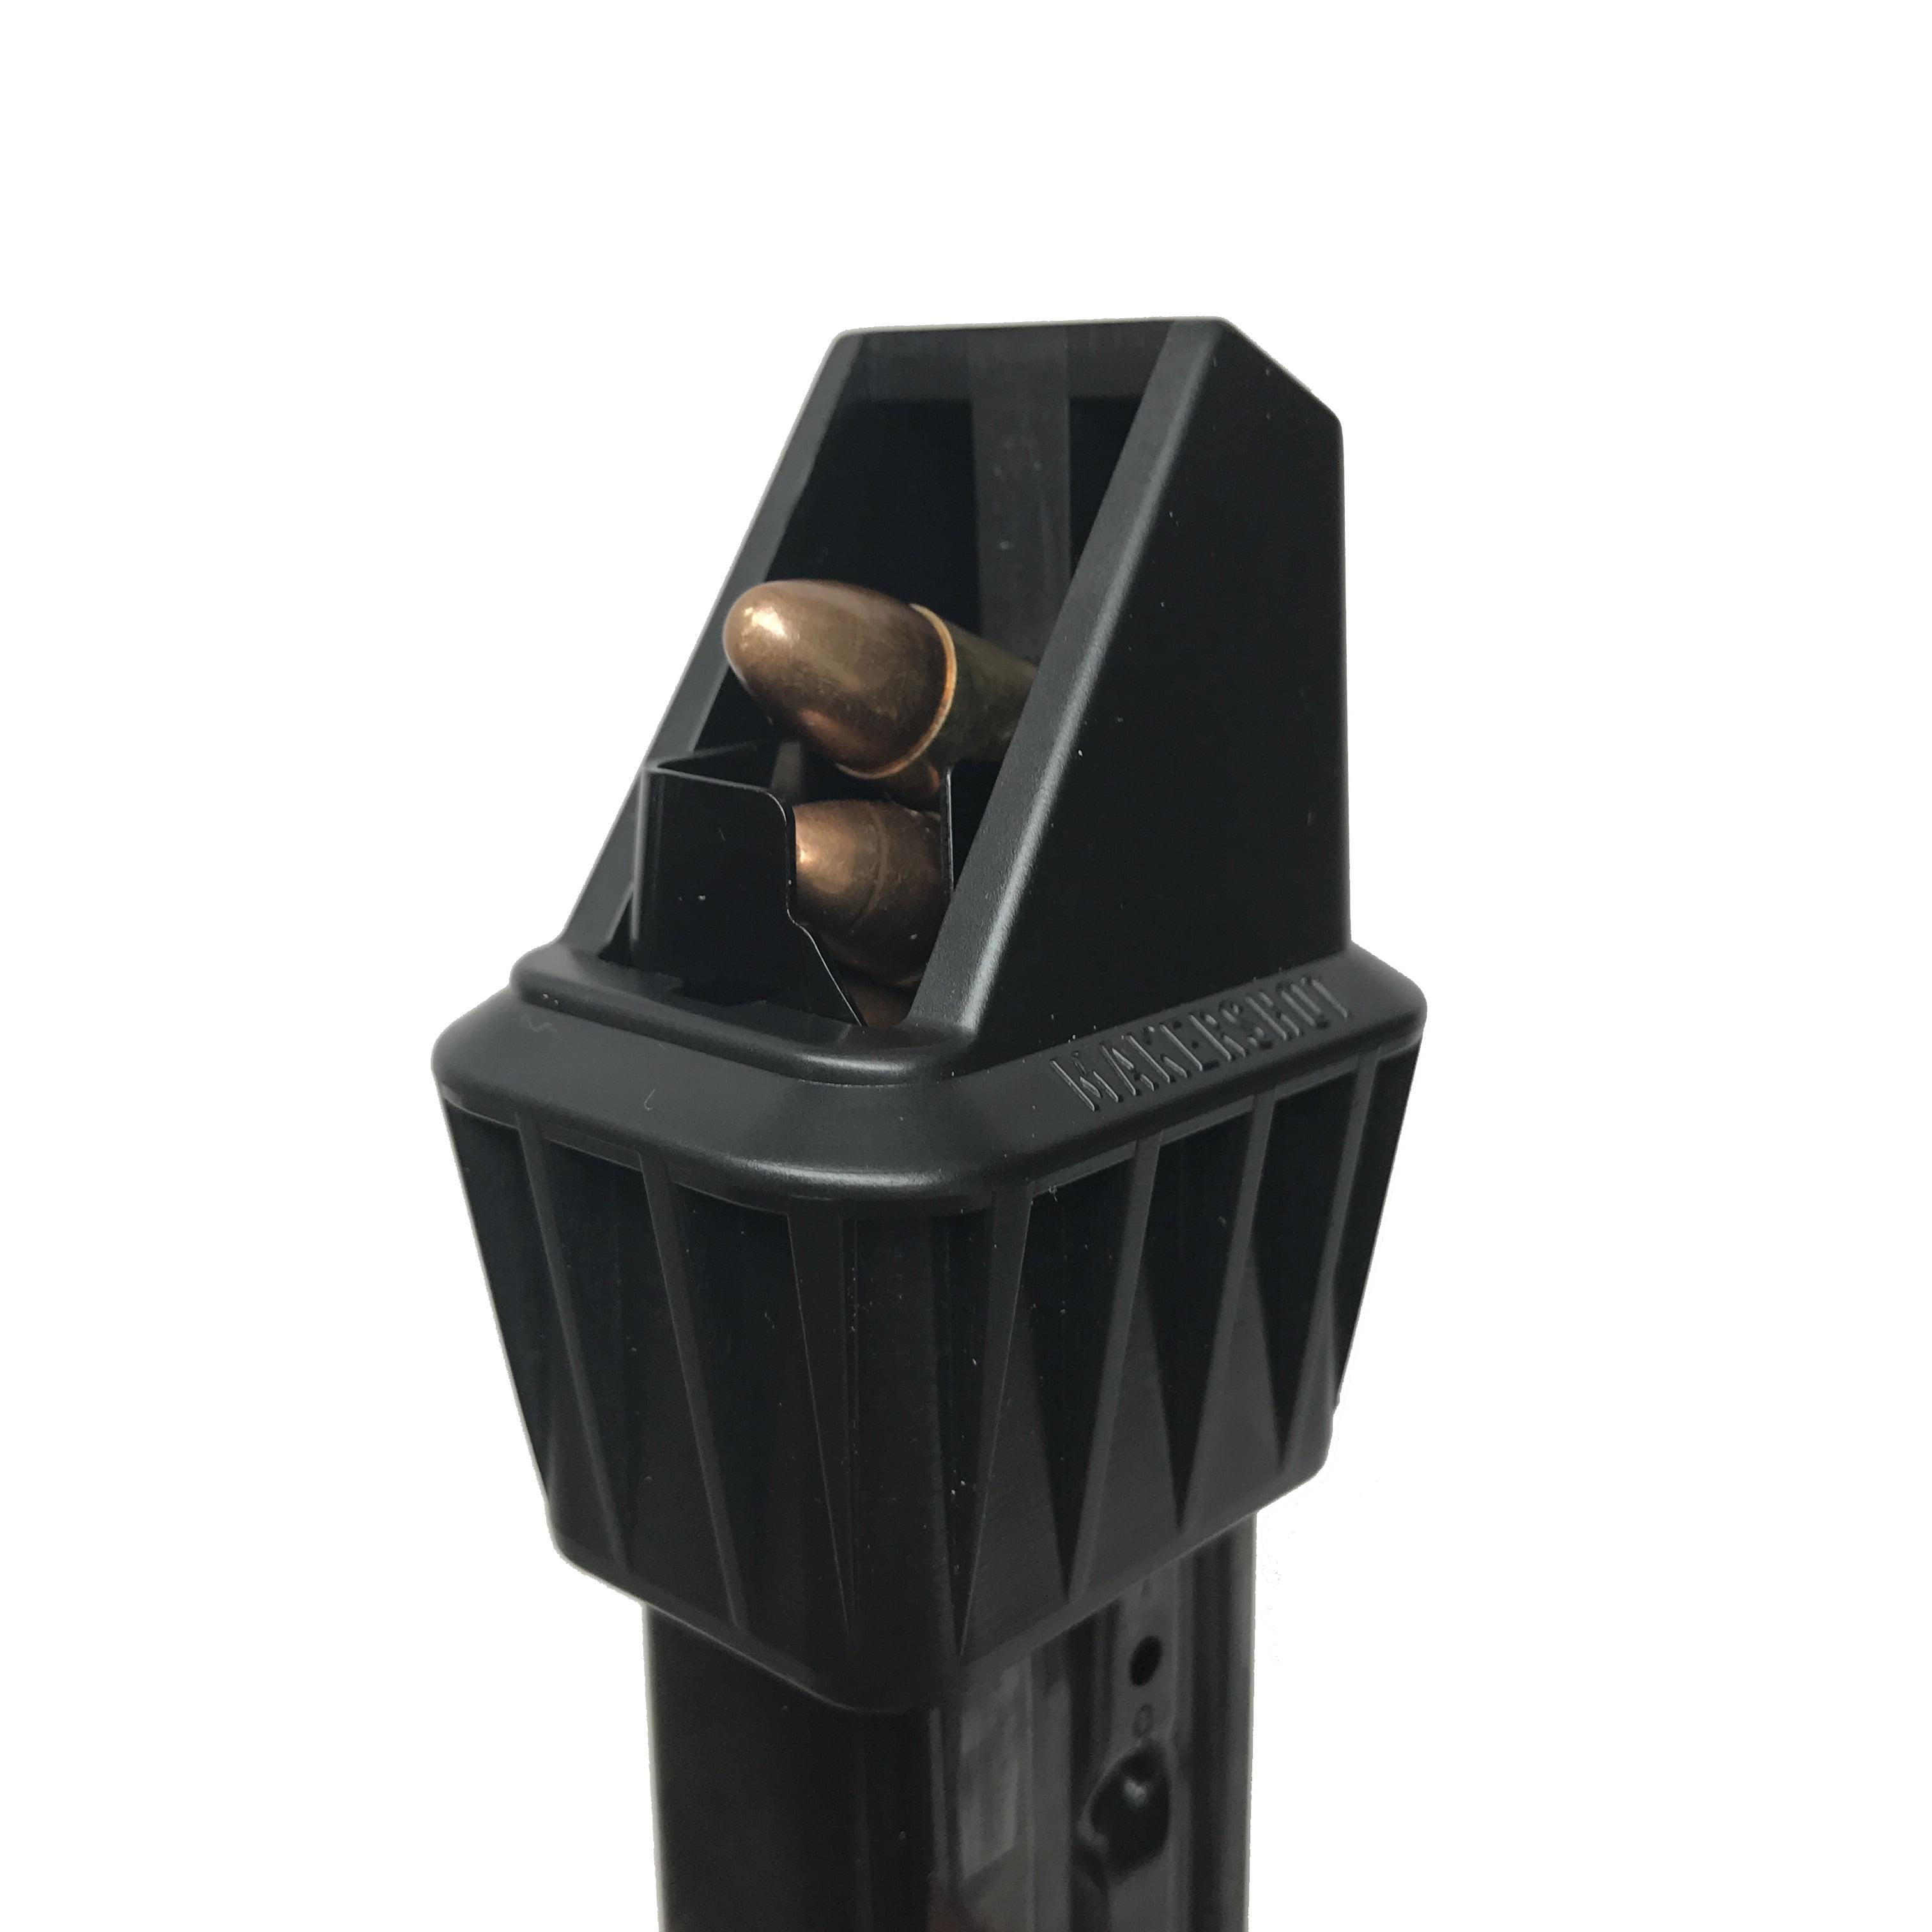 MAKERSHOT Custom 9mm Pistol Magazine Speed Loader (Walther PPX) ; Speedloader ; Magazine Loader by MakerShot LLC